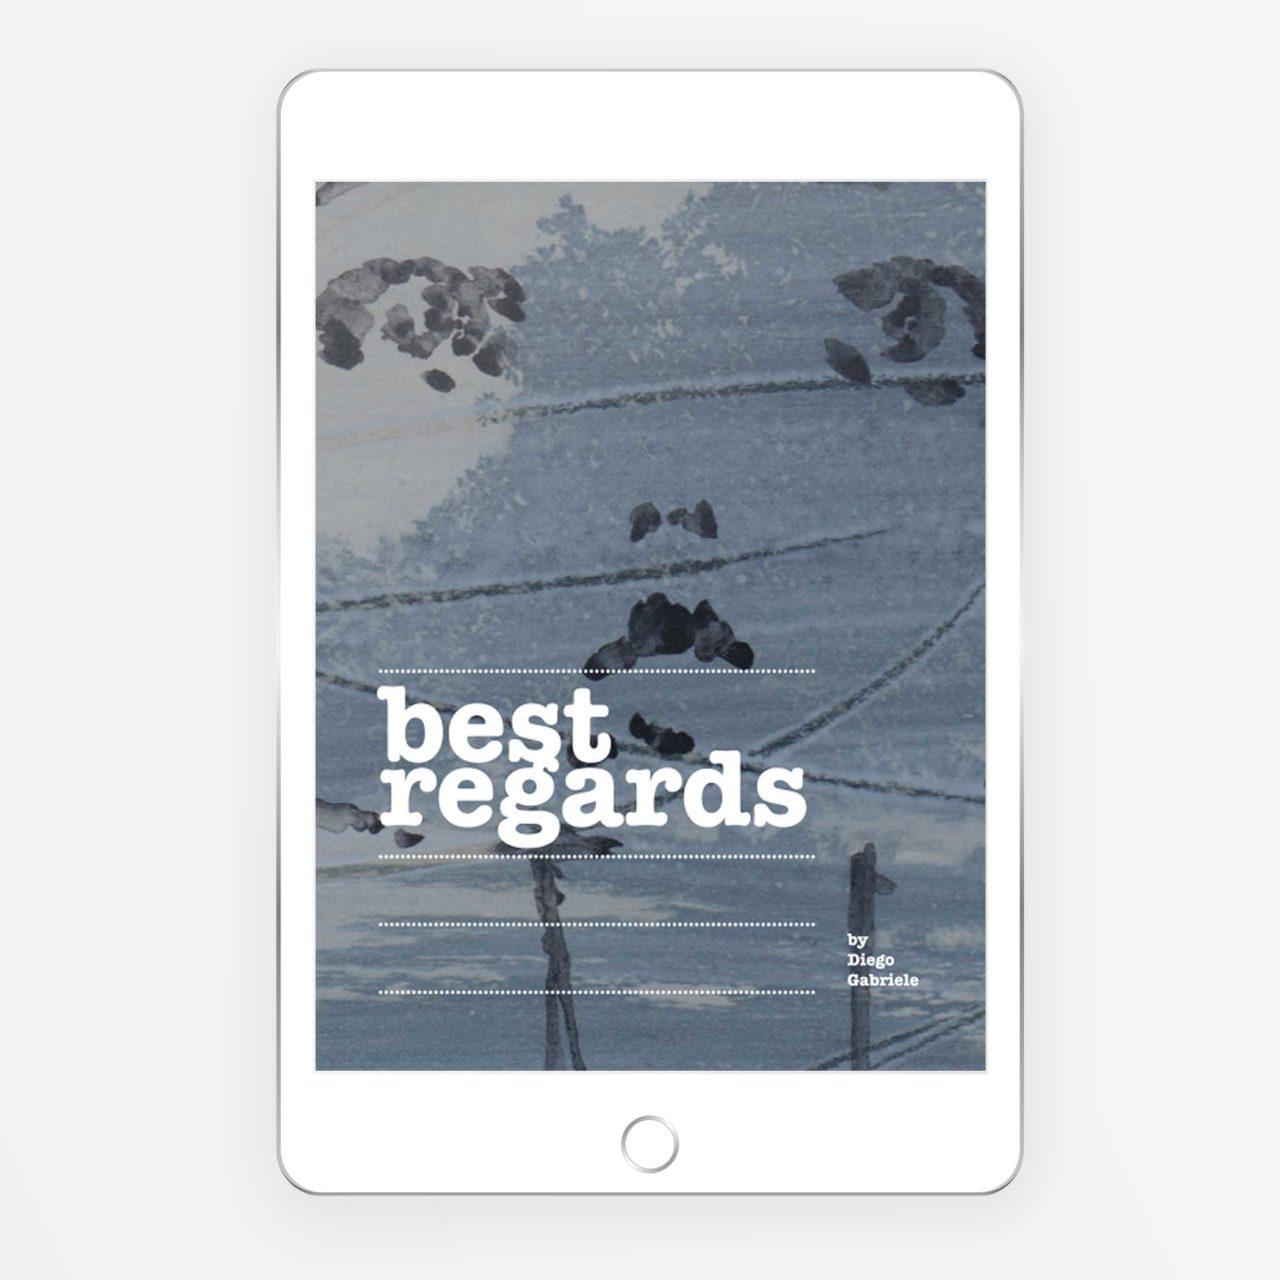 Best Regard eBook Illustrato di Diego gabriele